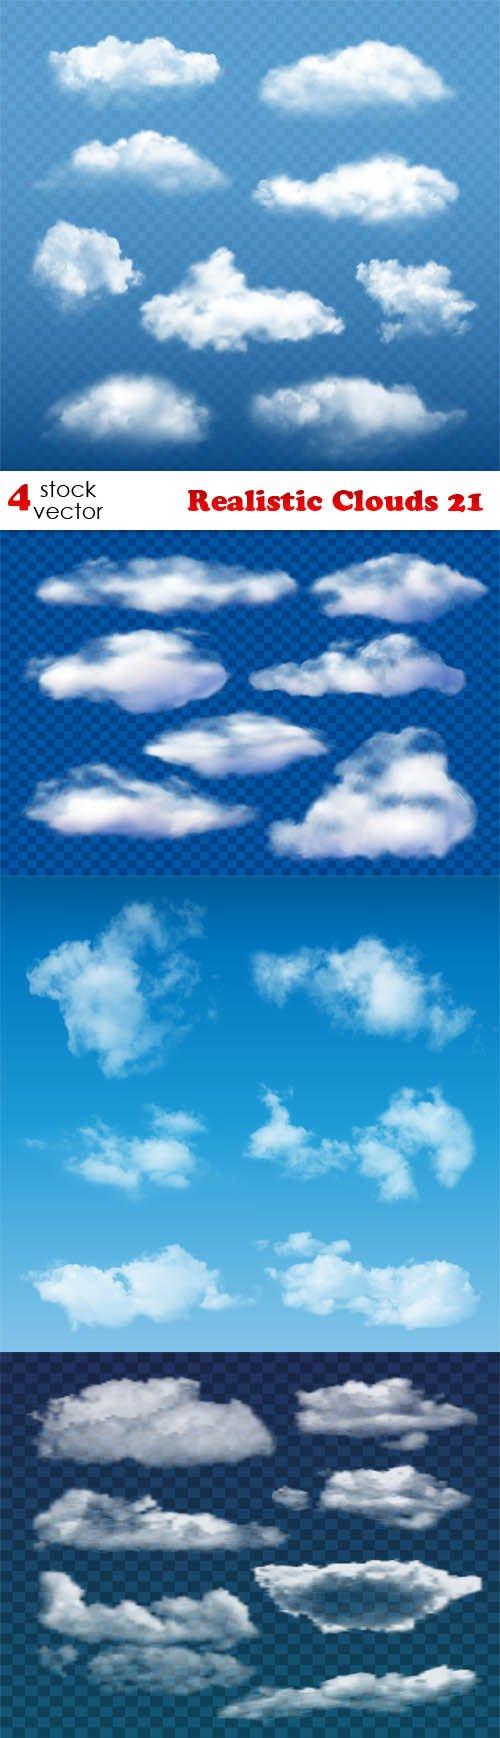 Vectors - Realistic Clouds 21